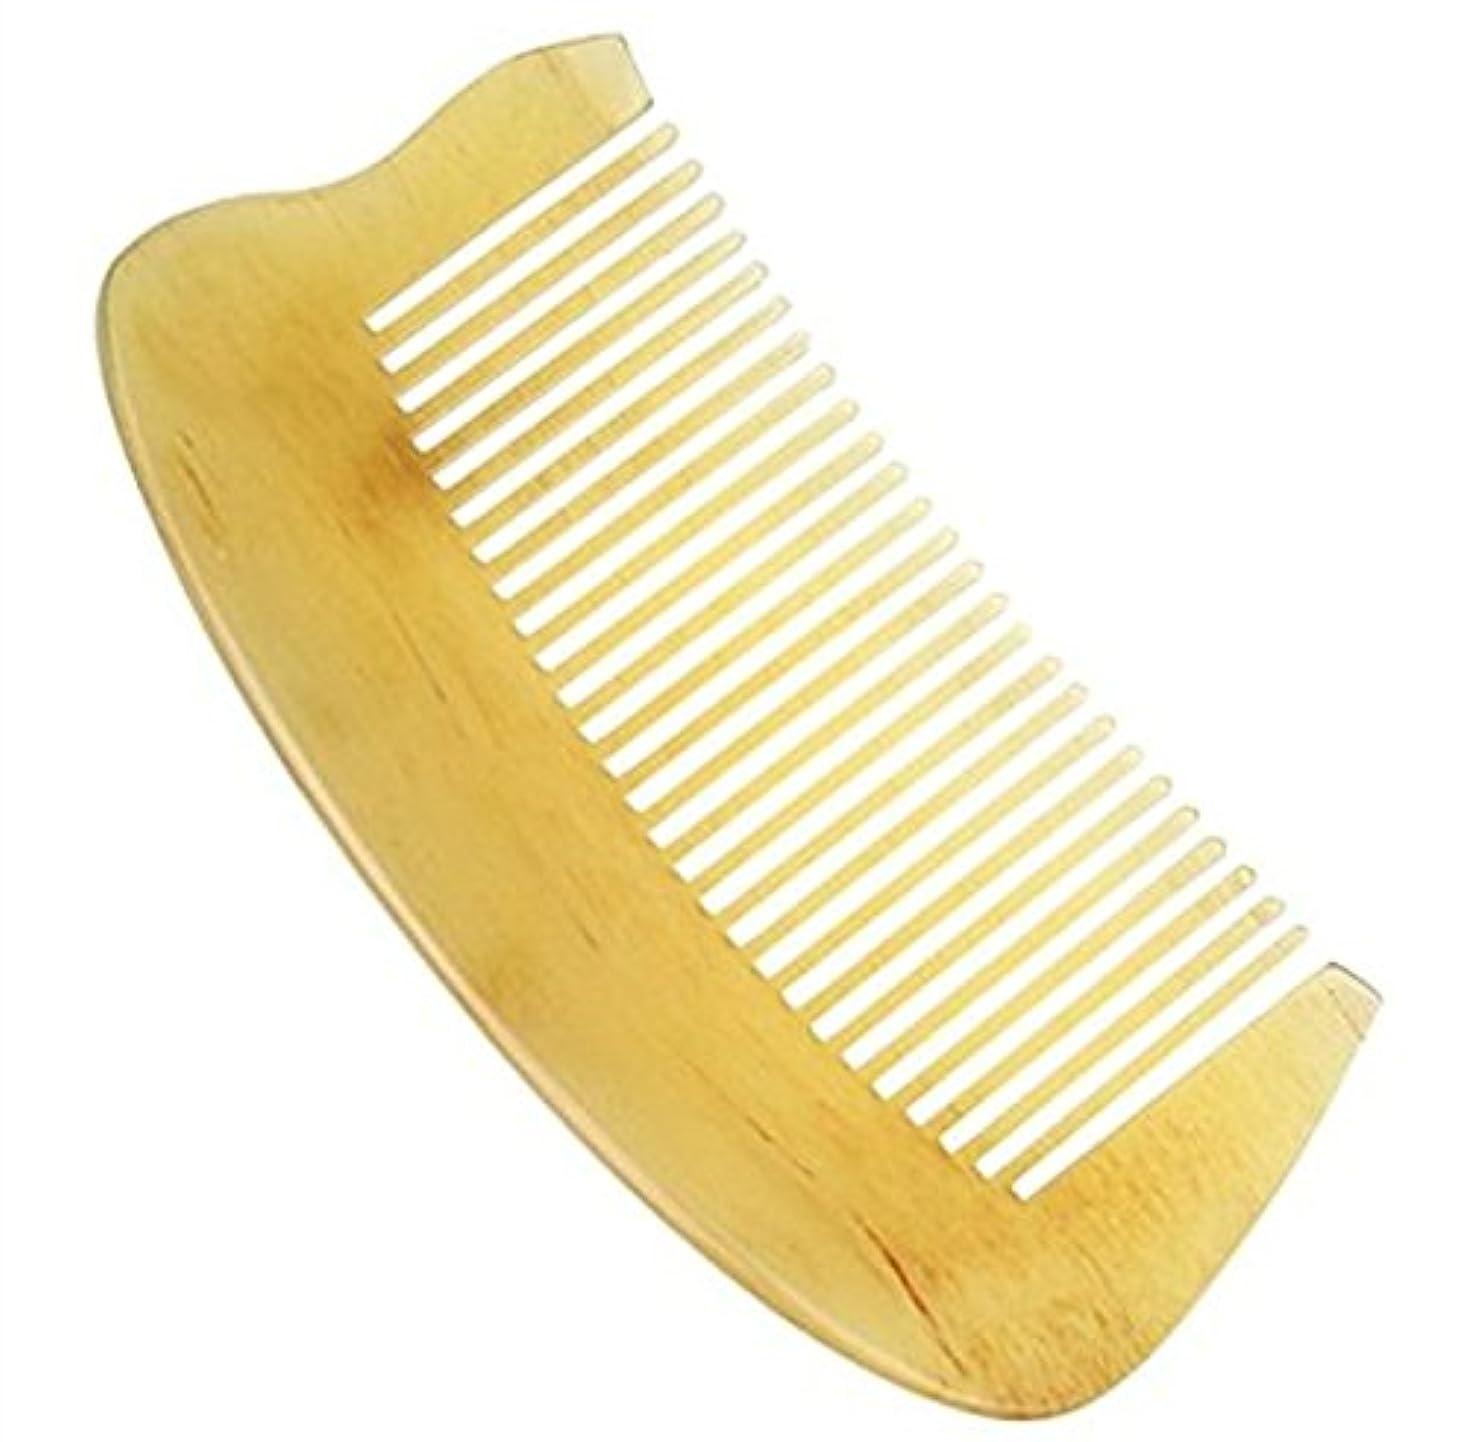 サイレント実現可能性あたり櫛型 プロも使う羊角かっさプレート マサージ用 血行改善 高級 天然 静電気 防止 美髪